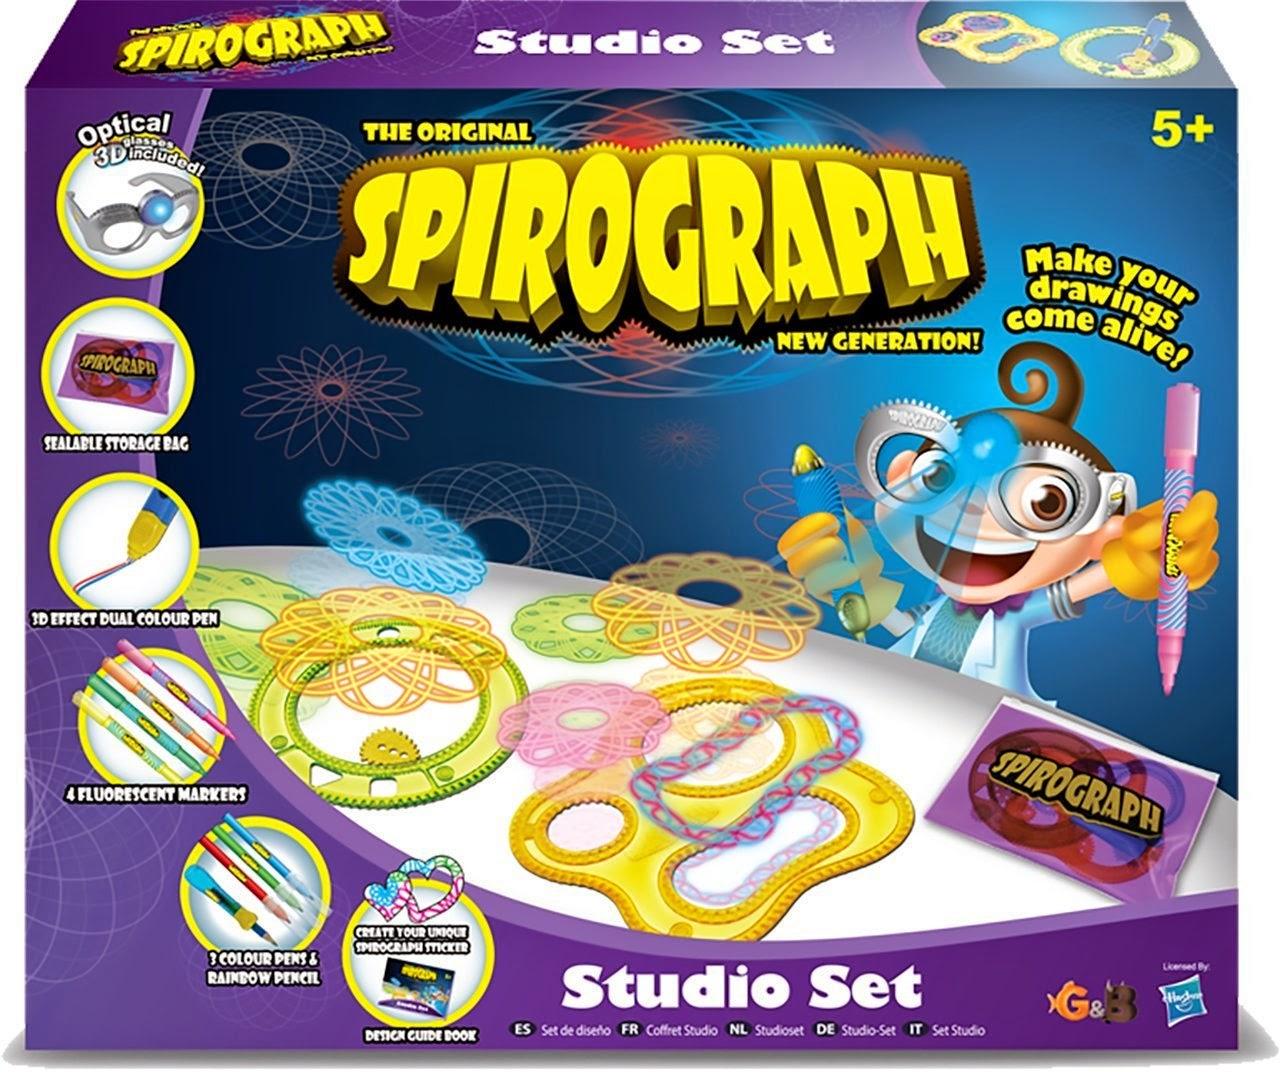 Win Spirograph Optical 3D Artist Sets